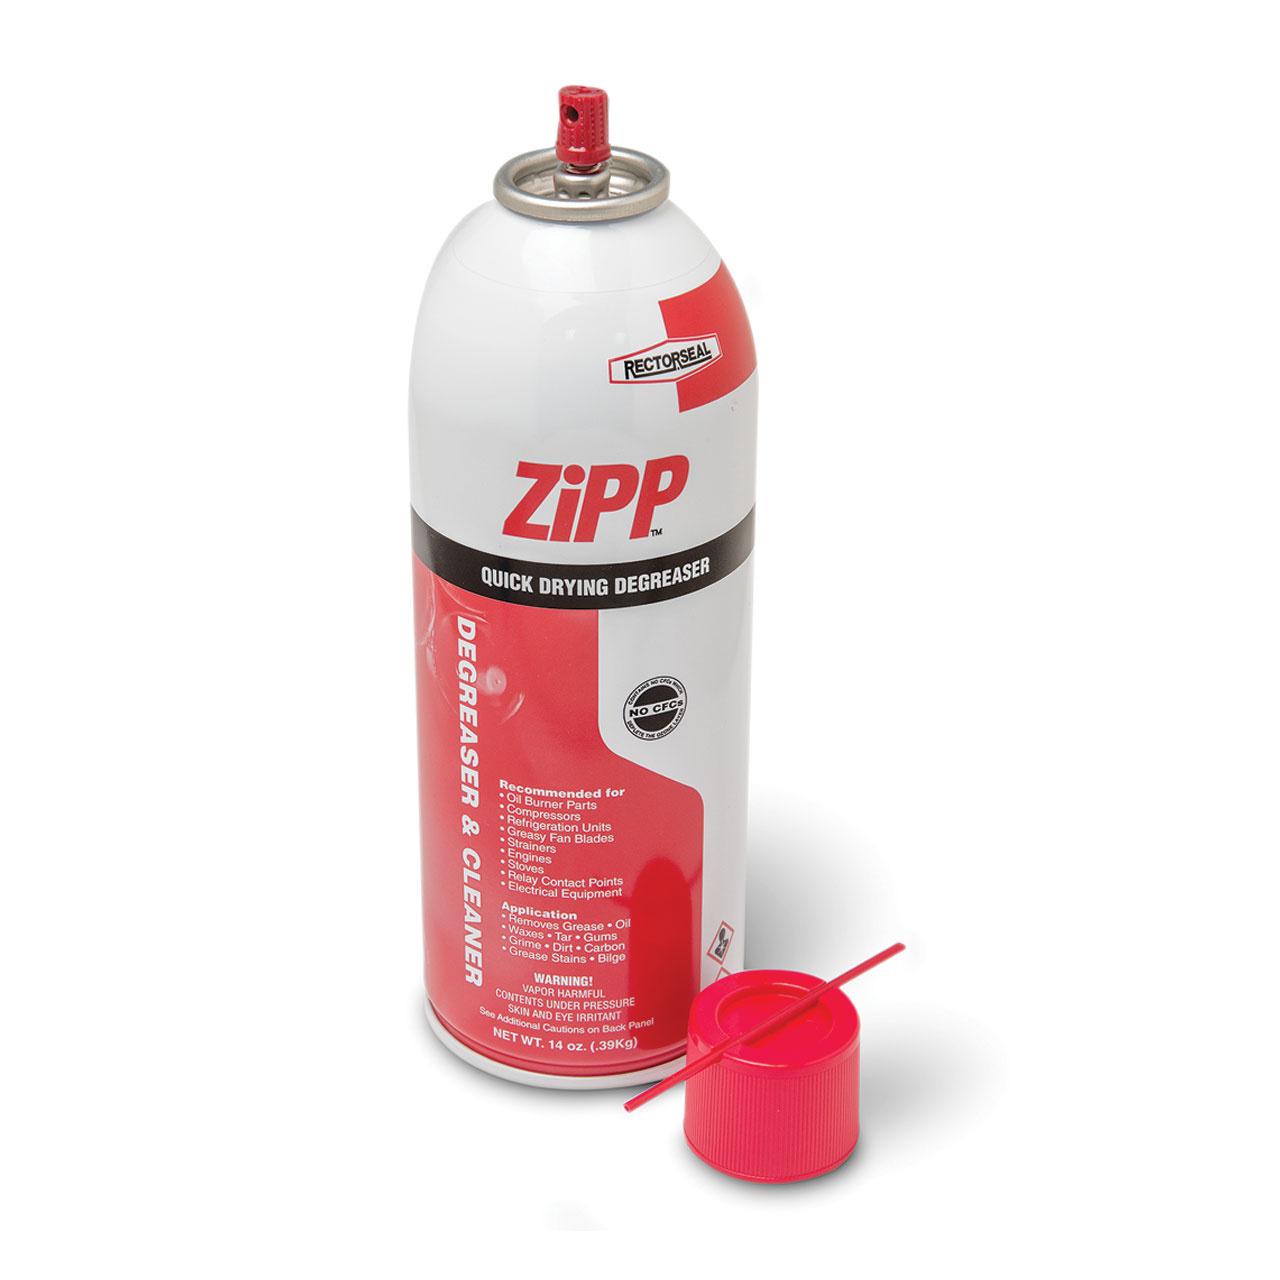 Zipp™